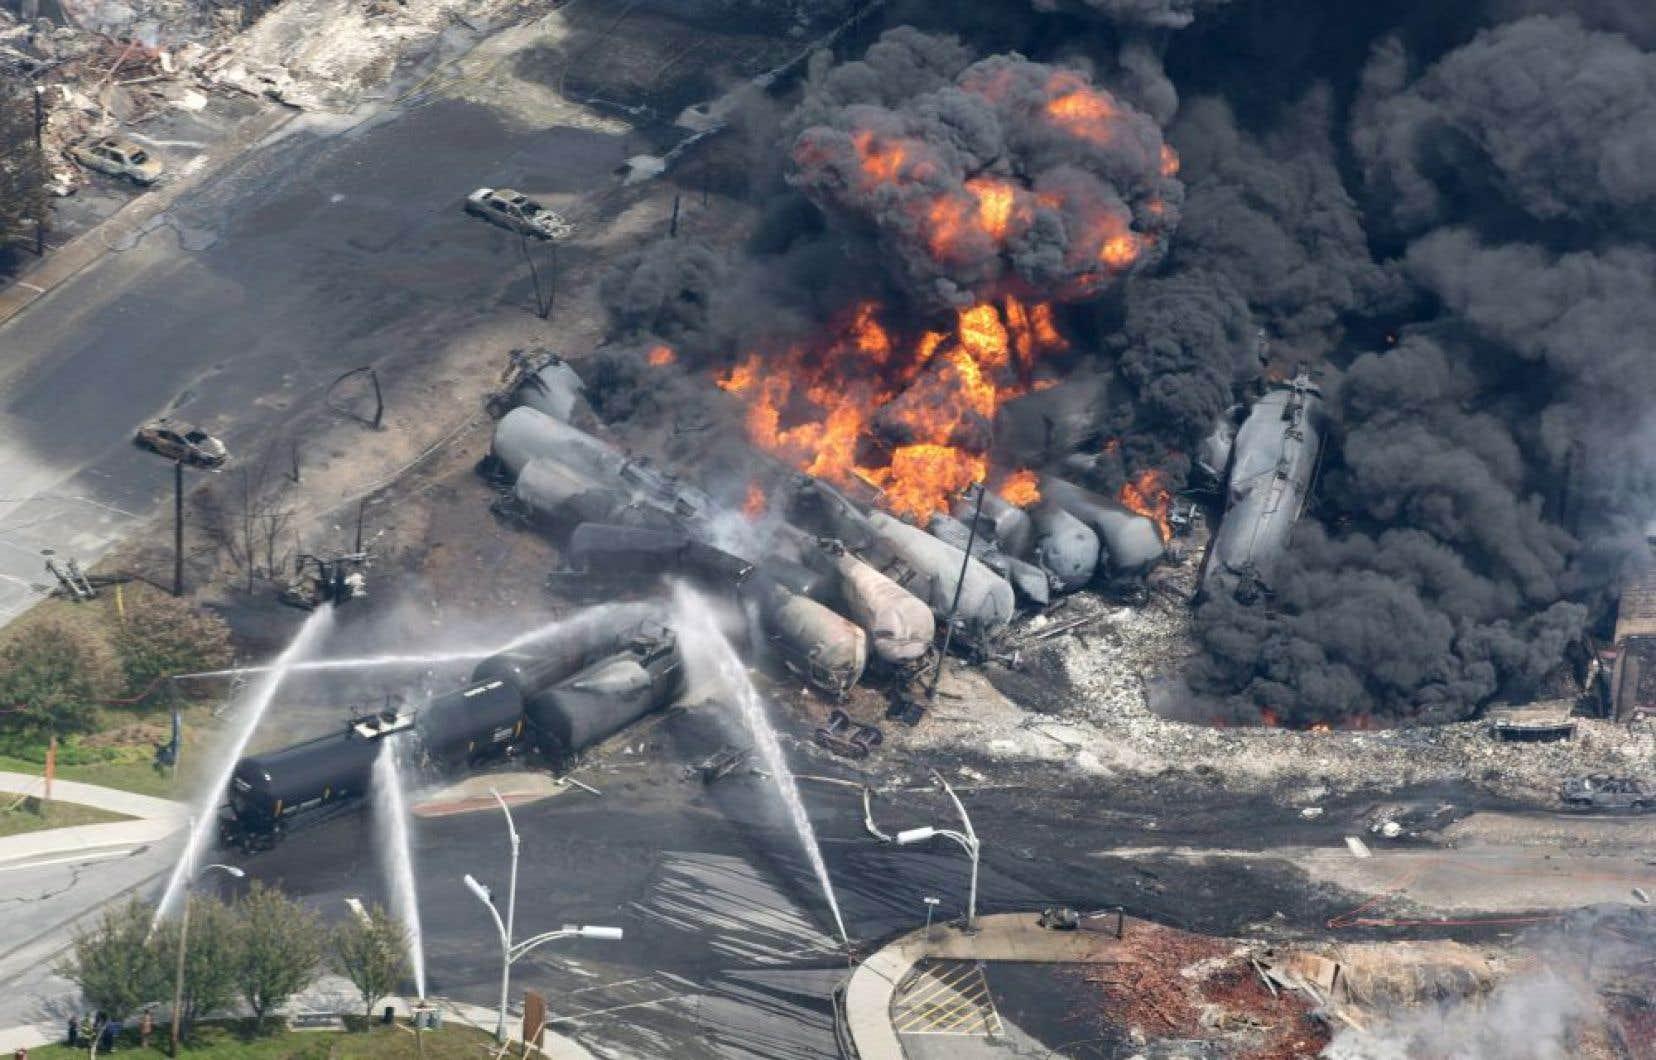 La ministre Nathalie Roy avait vivement dénoncé samedi l'utilisation des images de la catastrophe de Lac-Mégantic, qui avait fait 47 morts.